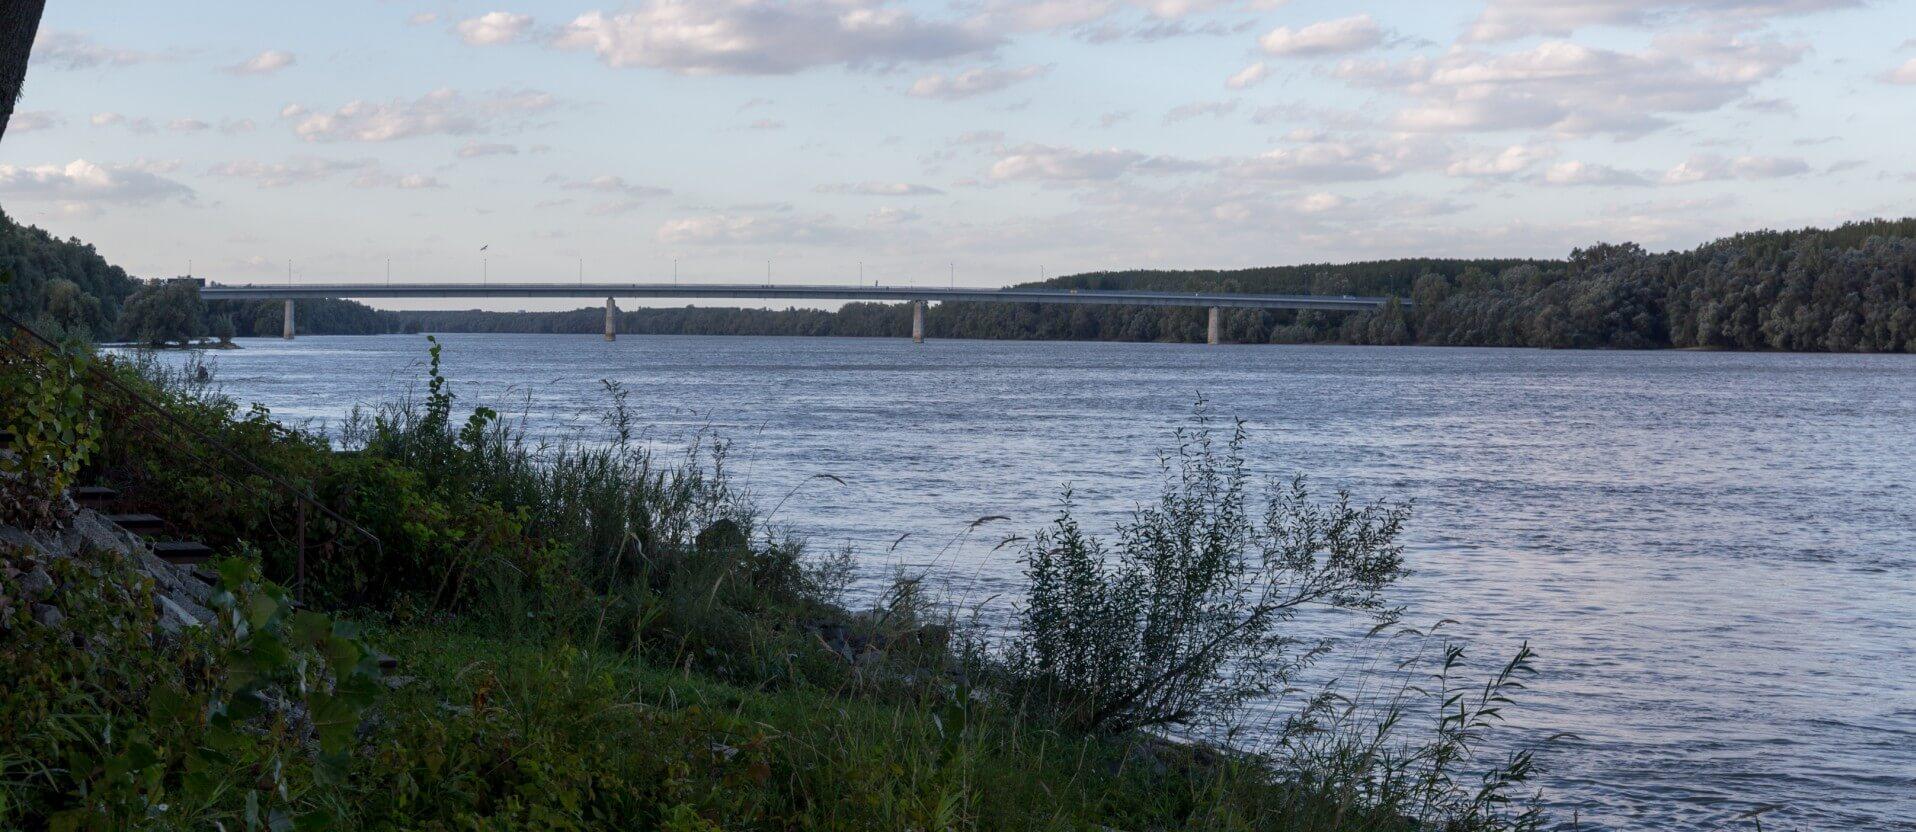 Szent László híd von Bóny-fok aus